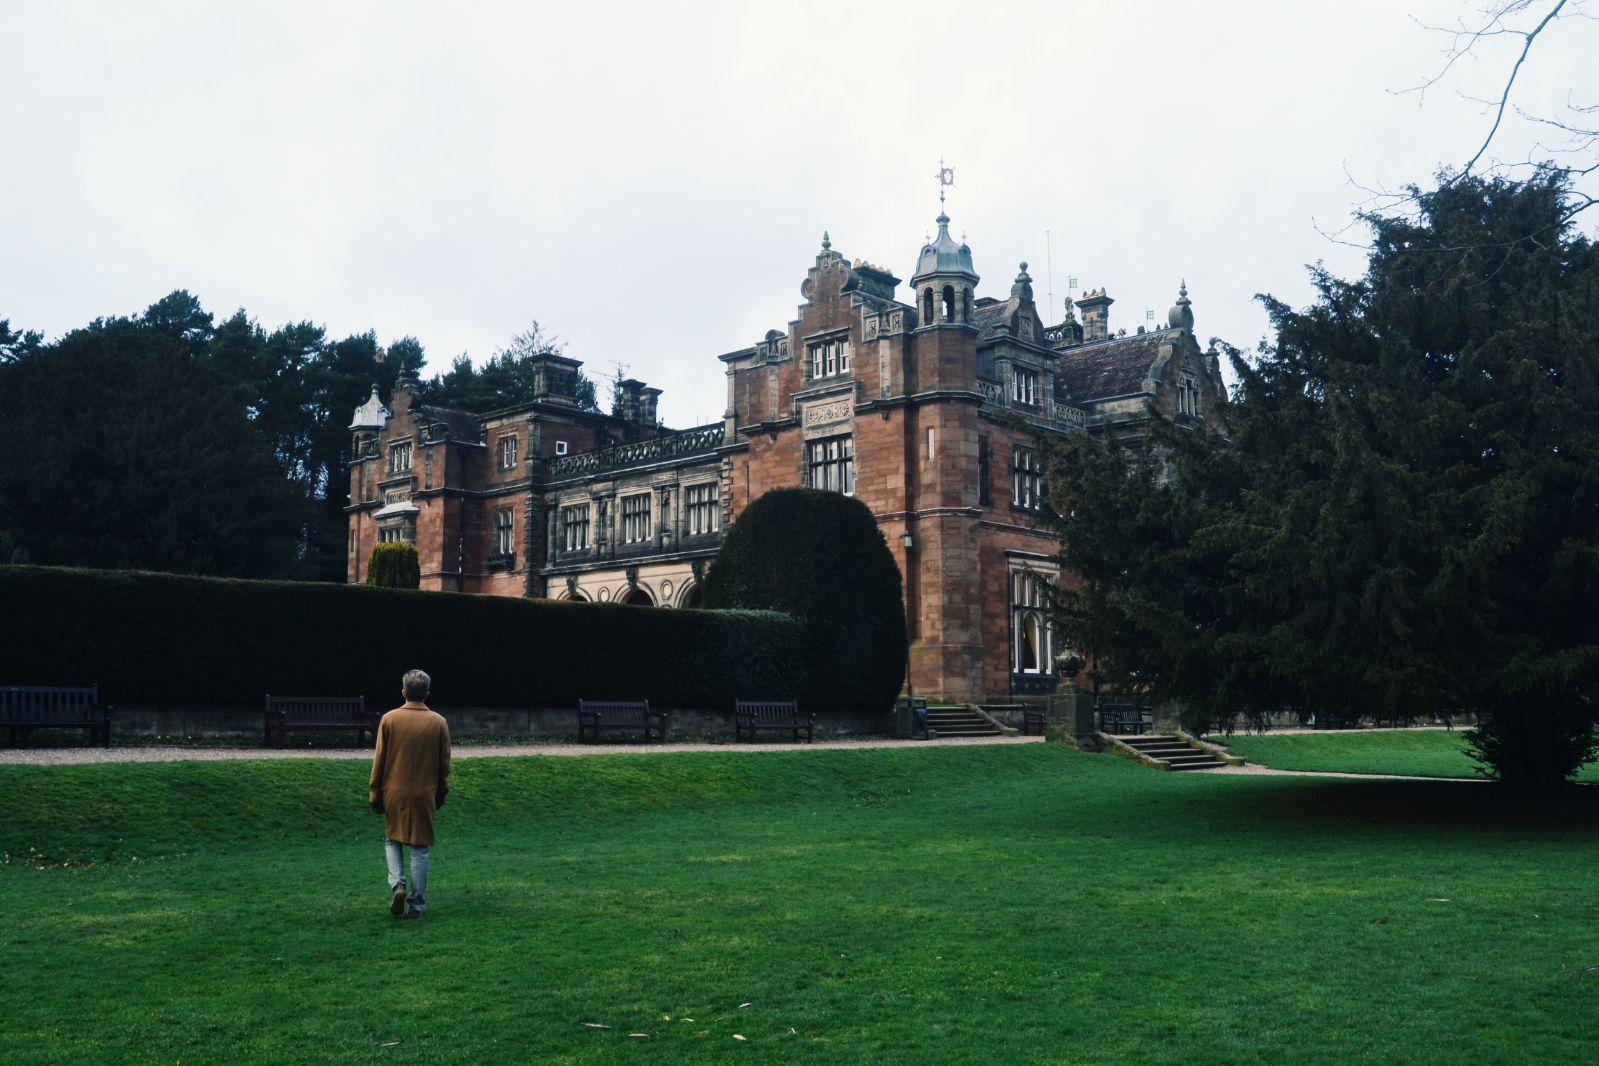 Taustalla yliopistomme ylpeyden aihe: Historiallinen Keele Hall.